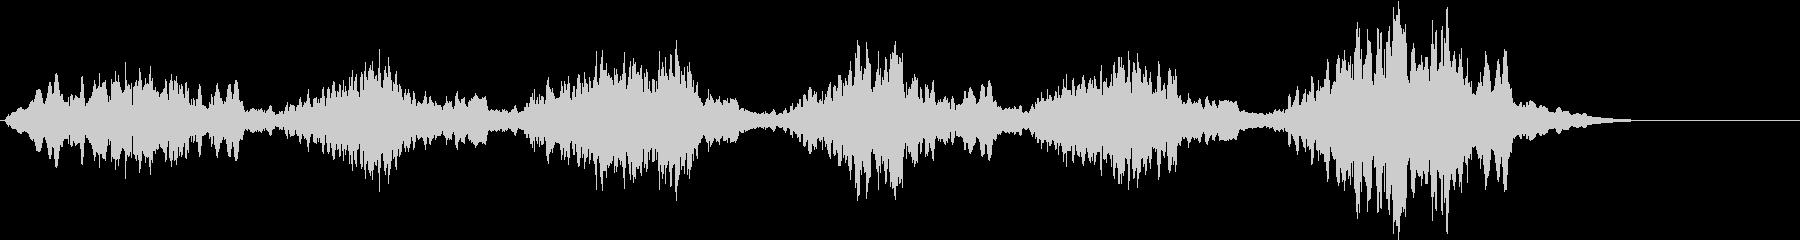 かごめかごめ クワイア ホラー系  1の未再生の波形